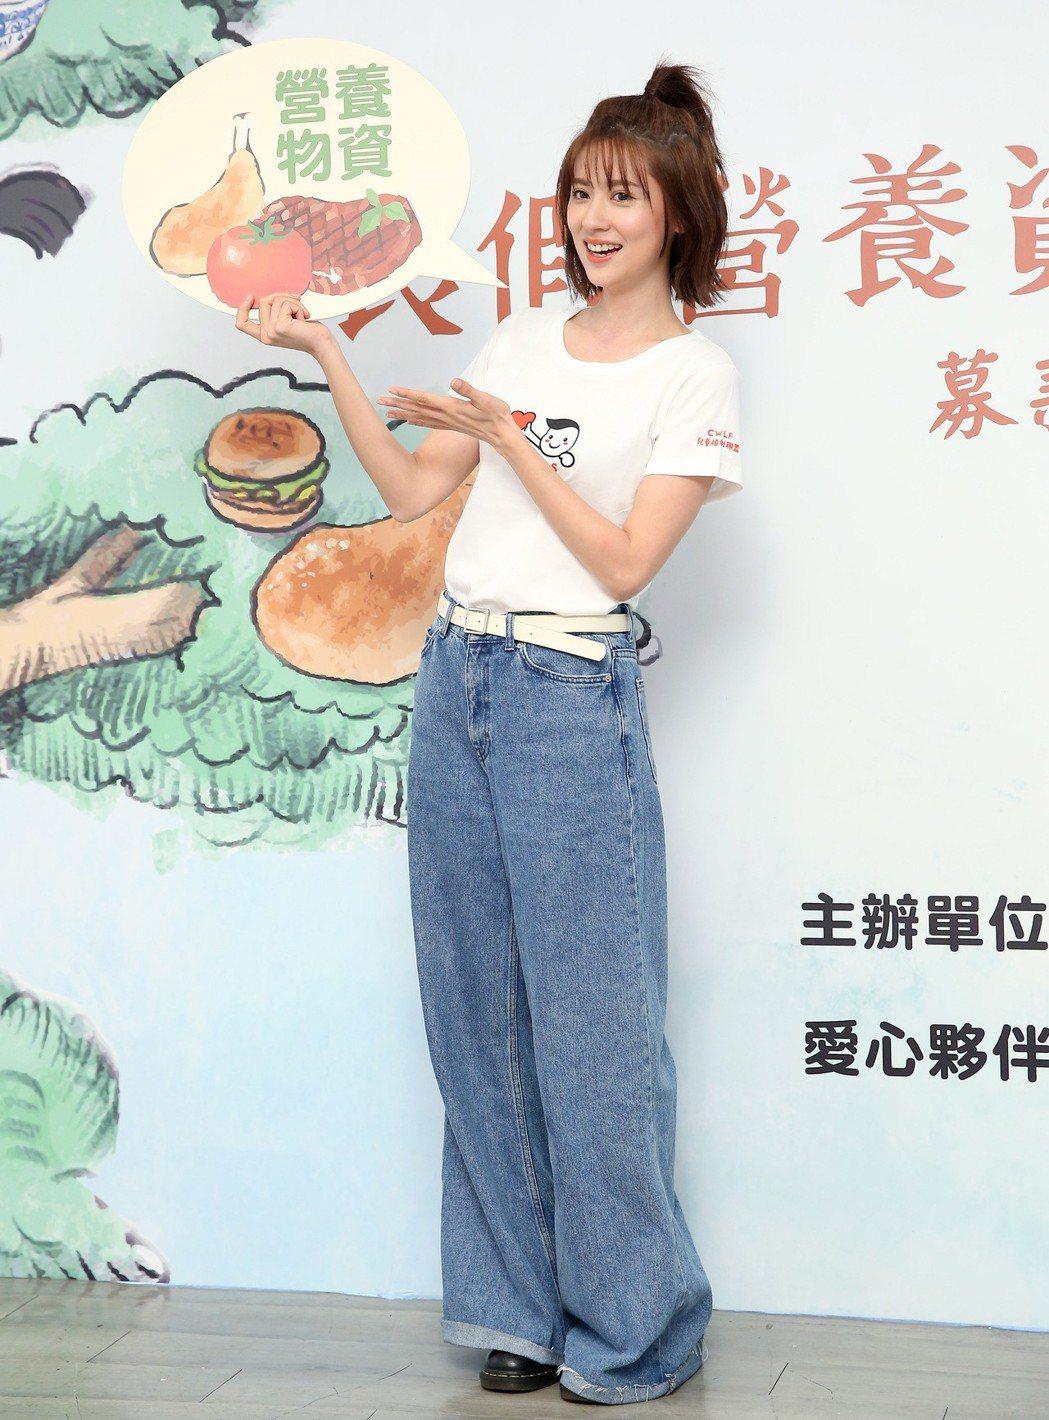 林予晞出席2019「長假營養資助計畫」開跑記者會。記者余承翰/攝影 余承翰